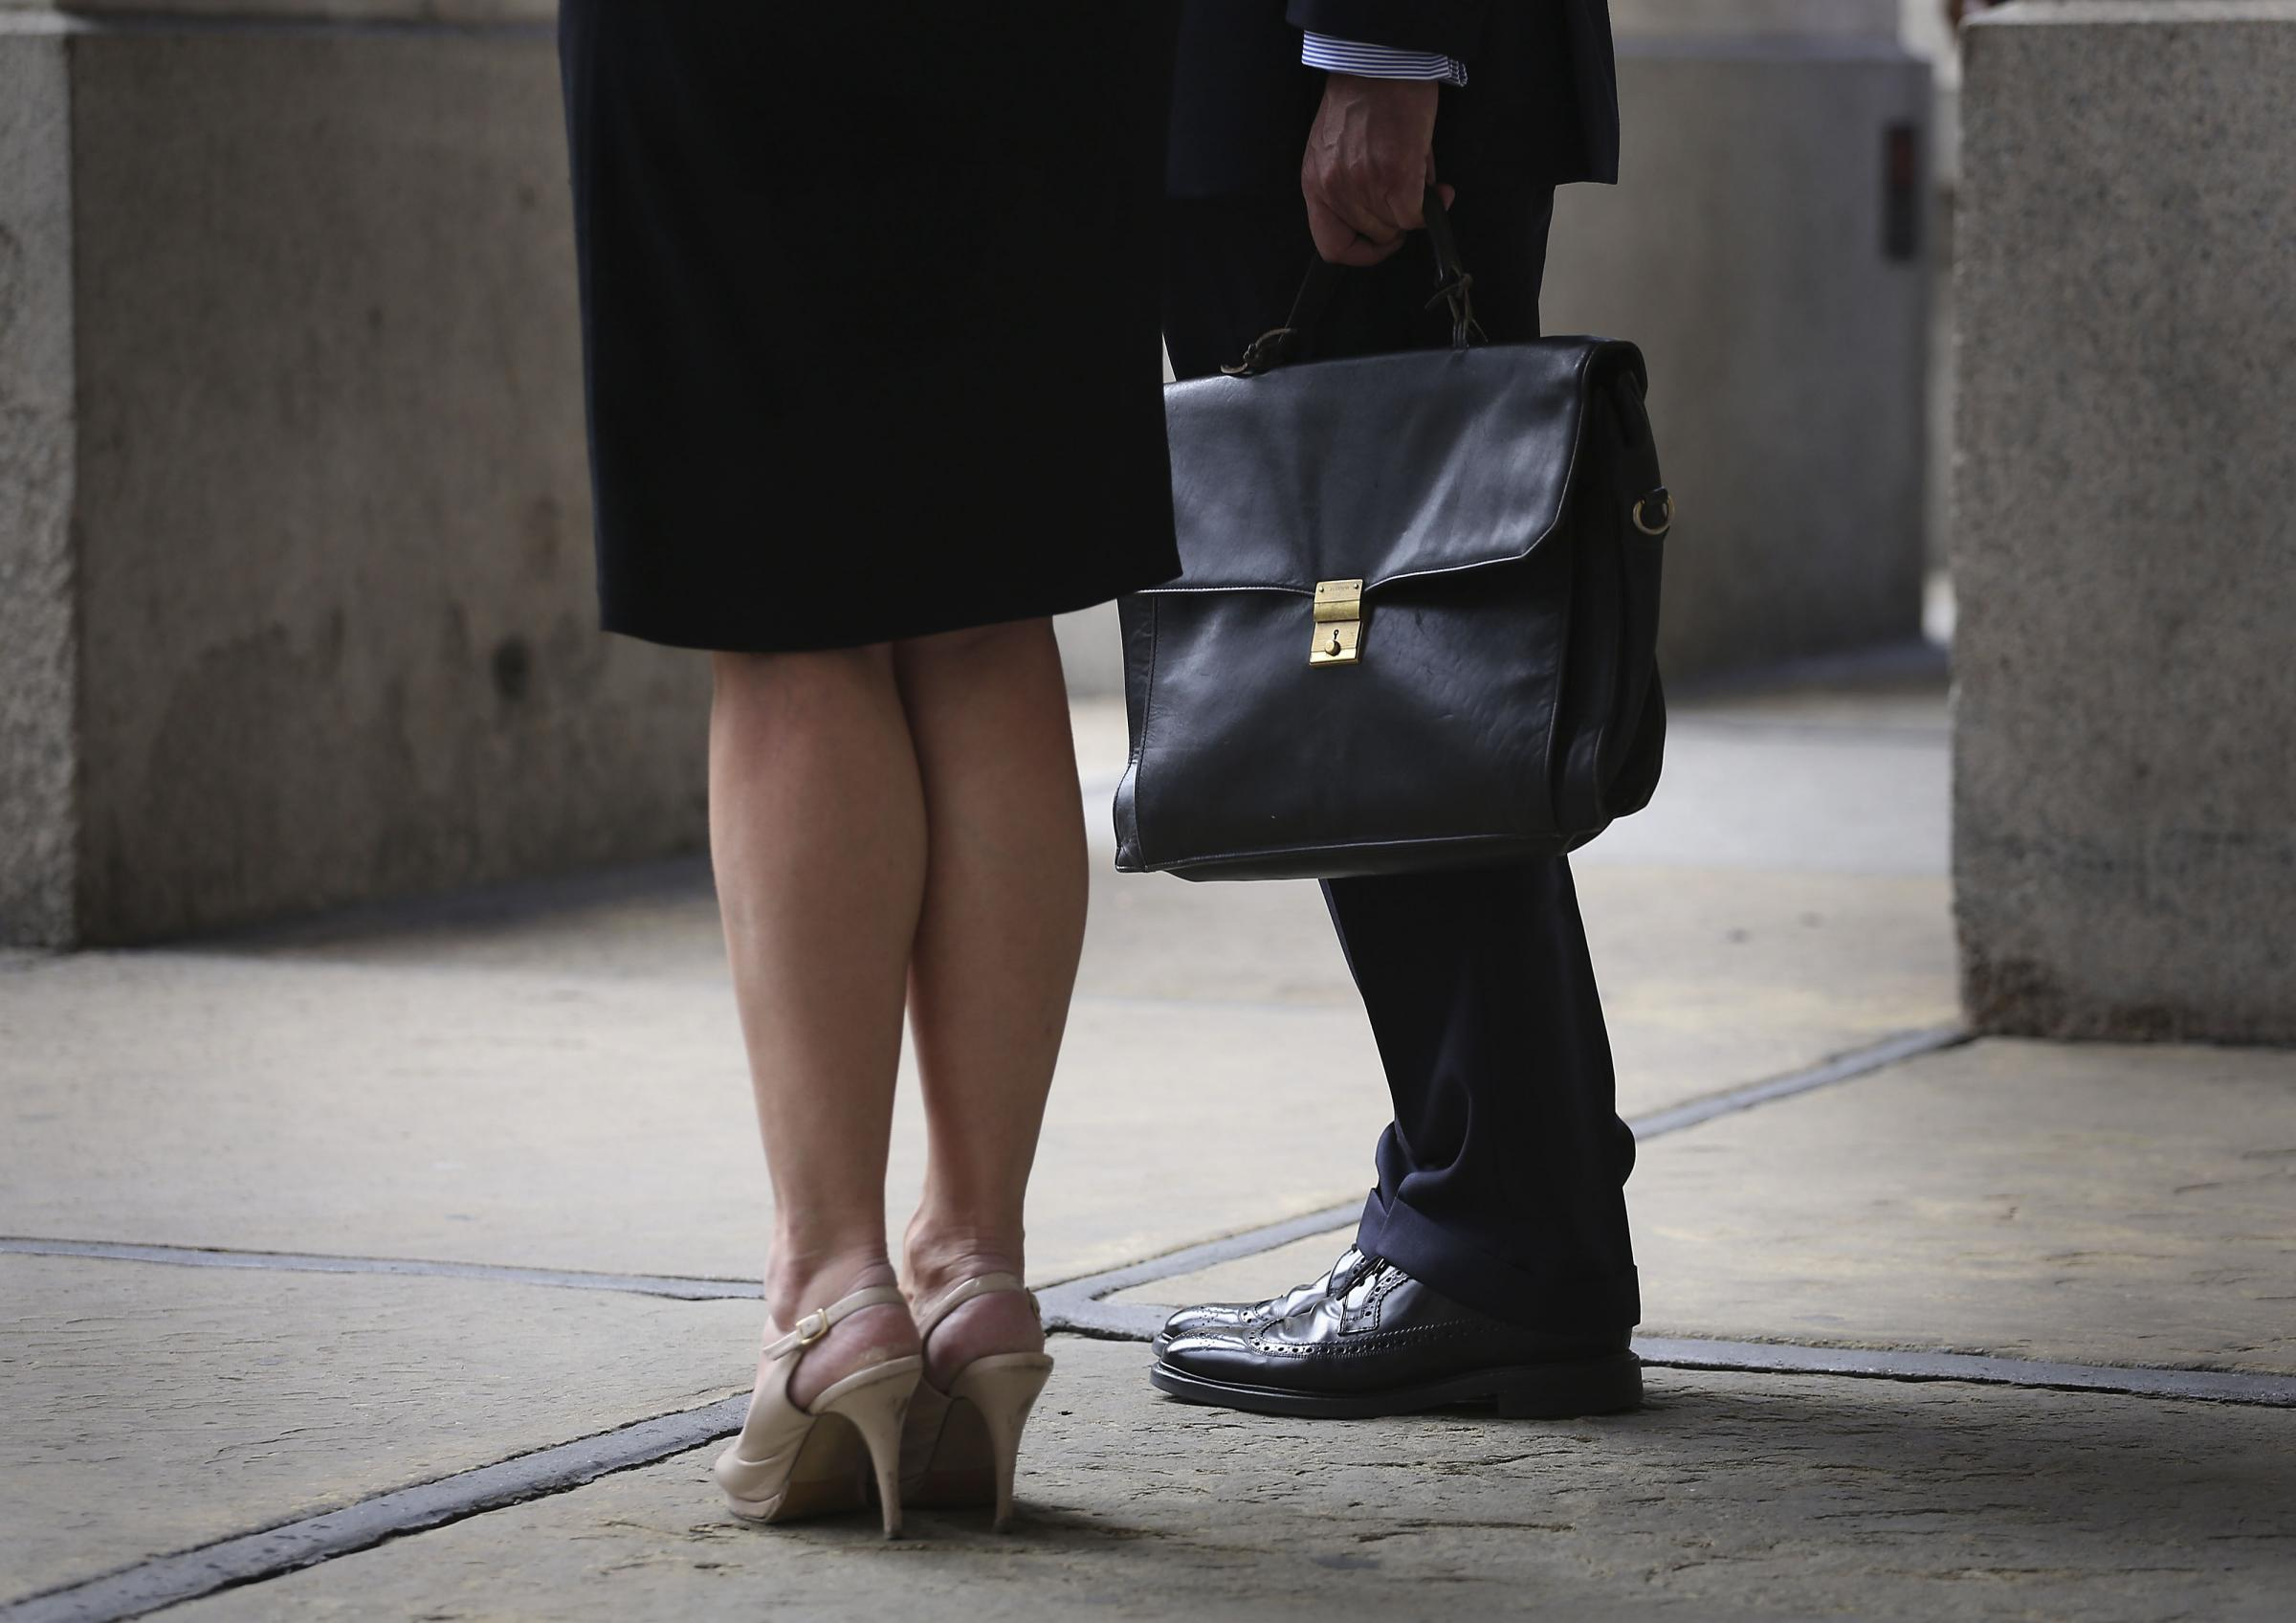 Differenze salariali di genere: meno soldi alle donne imprenditrici